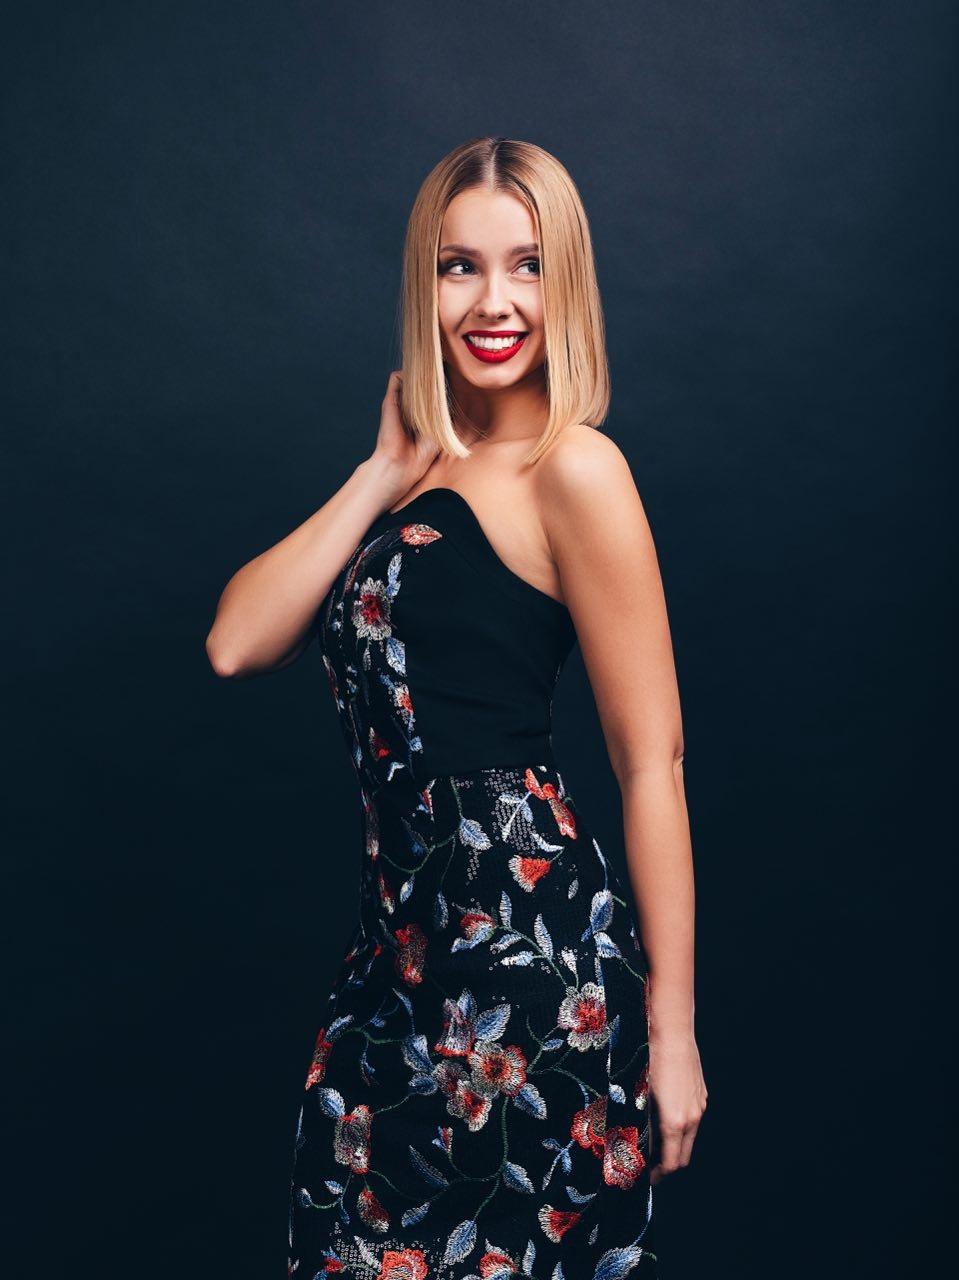 Beauty-утро с украинской телеведущей Машей Виноградовой - фото №4